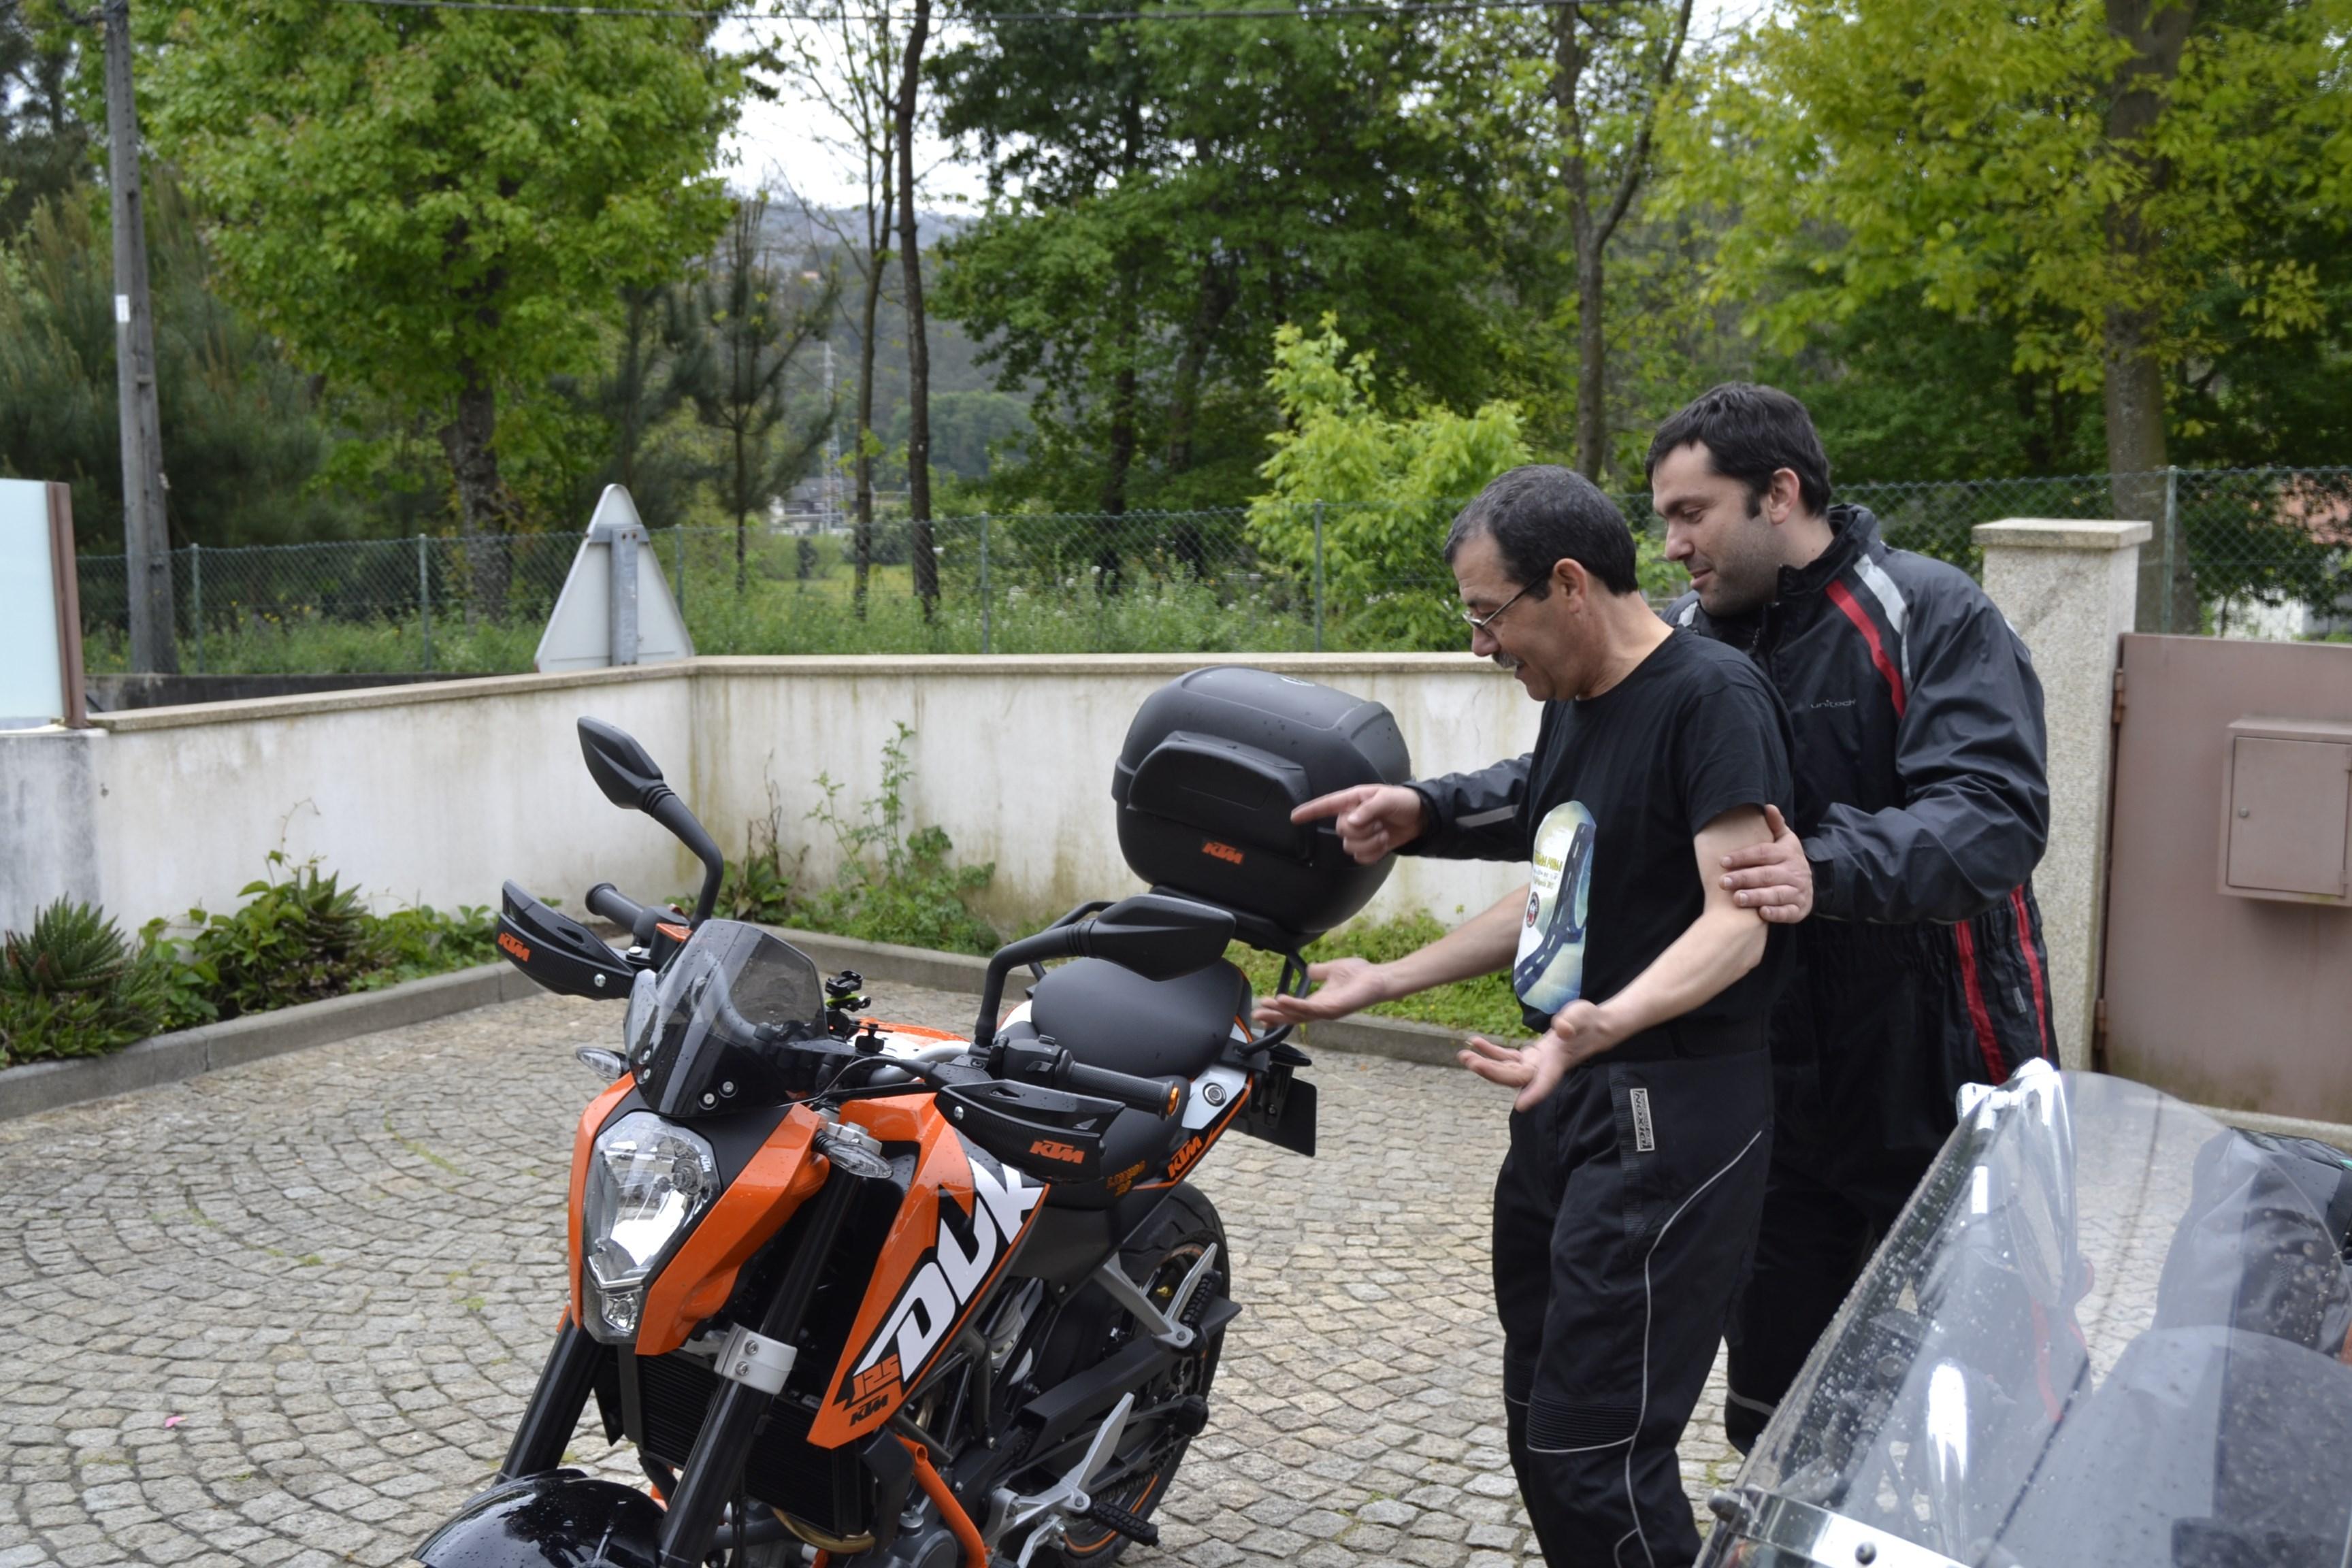 Dia do Motociclista - Viana do Castelo - 27.Abril.2014 - Página 6 14059300872_82754fc6e9_o